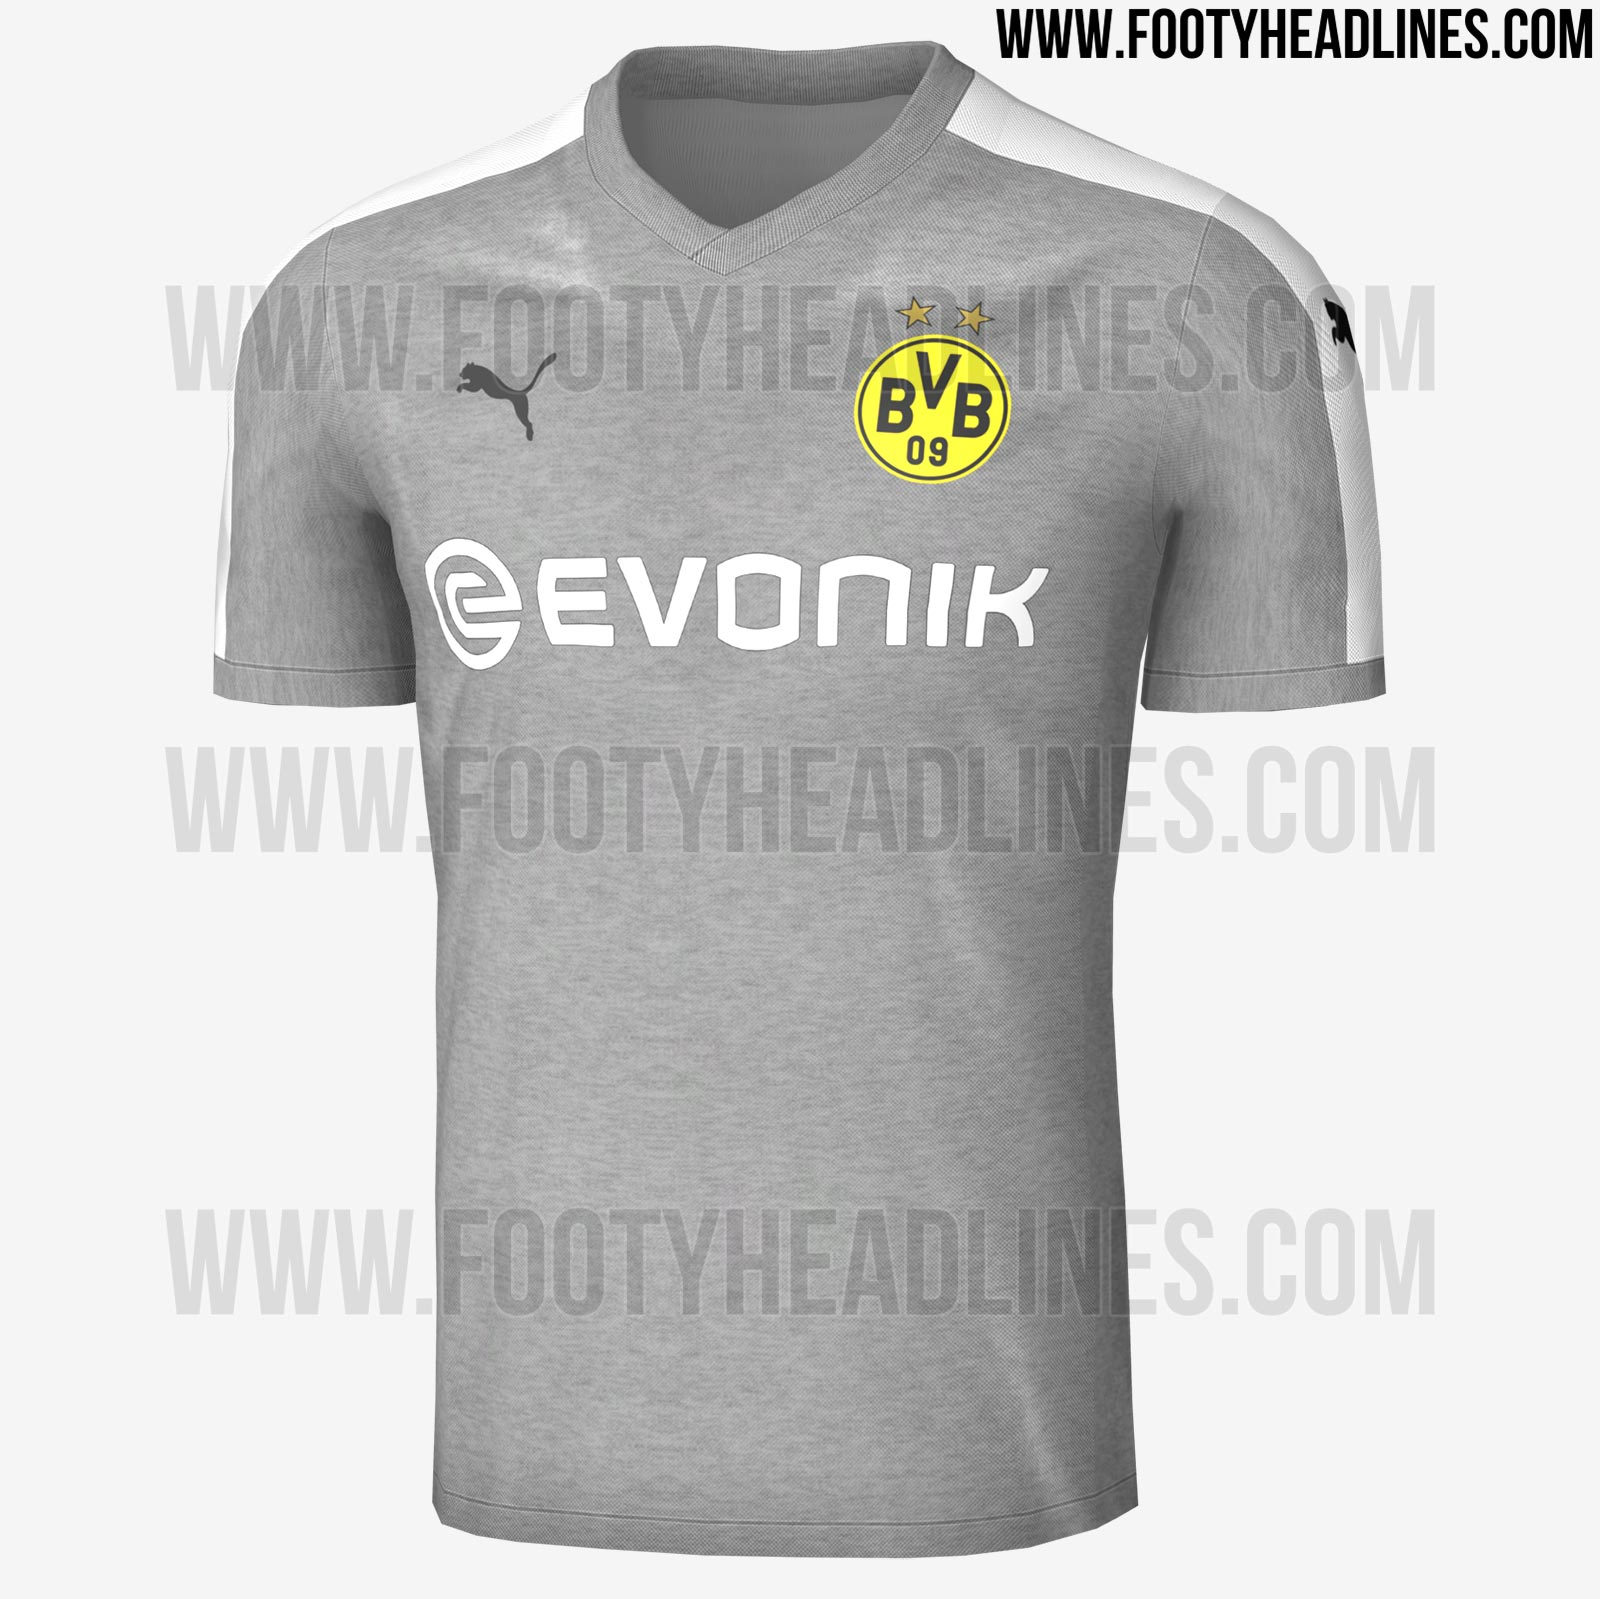 24f43b5e06e6f Terceira camisa do Borussia Dortmund deve ser toda cinza  confira as ...